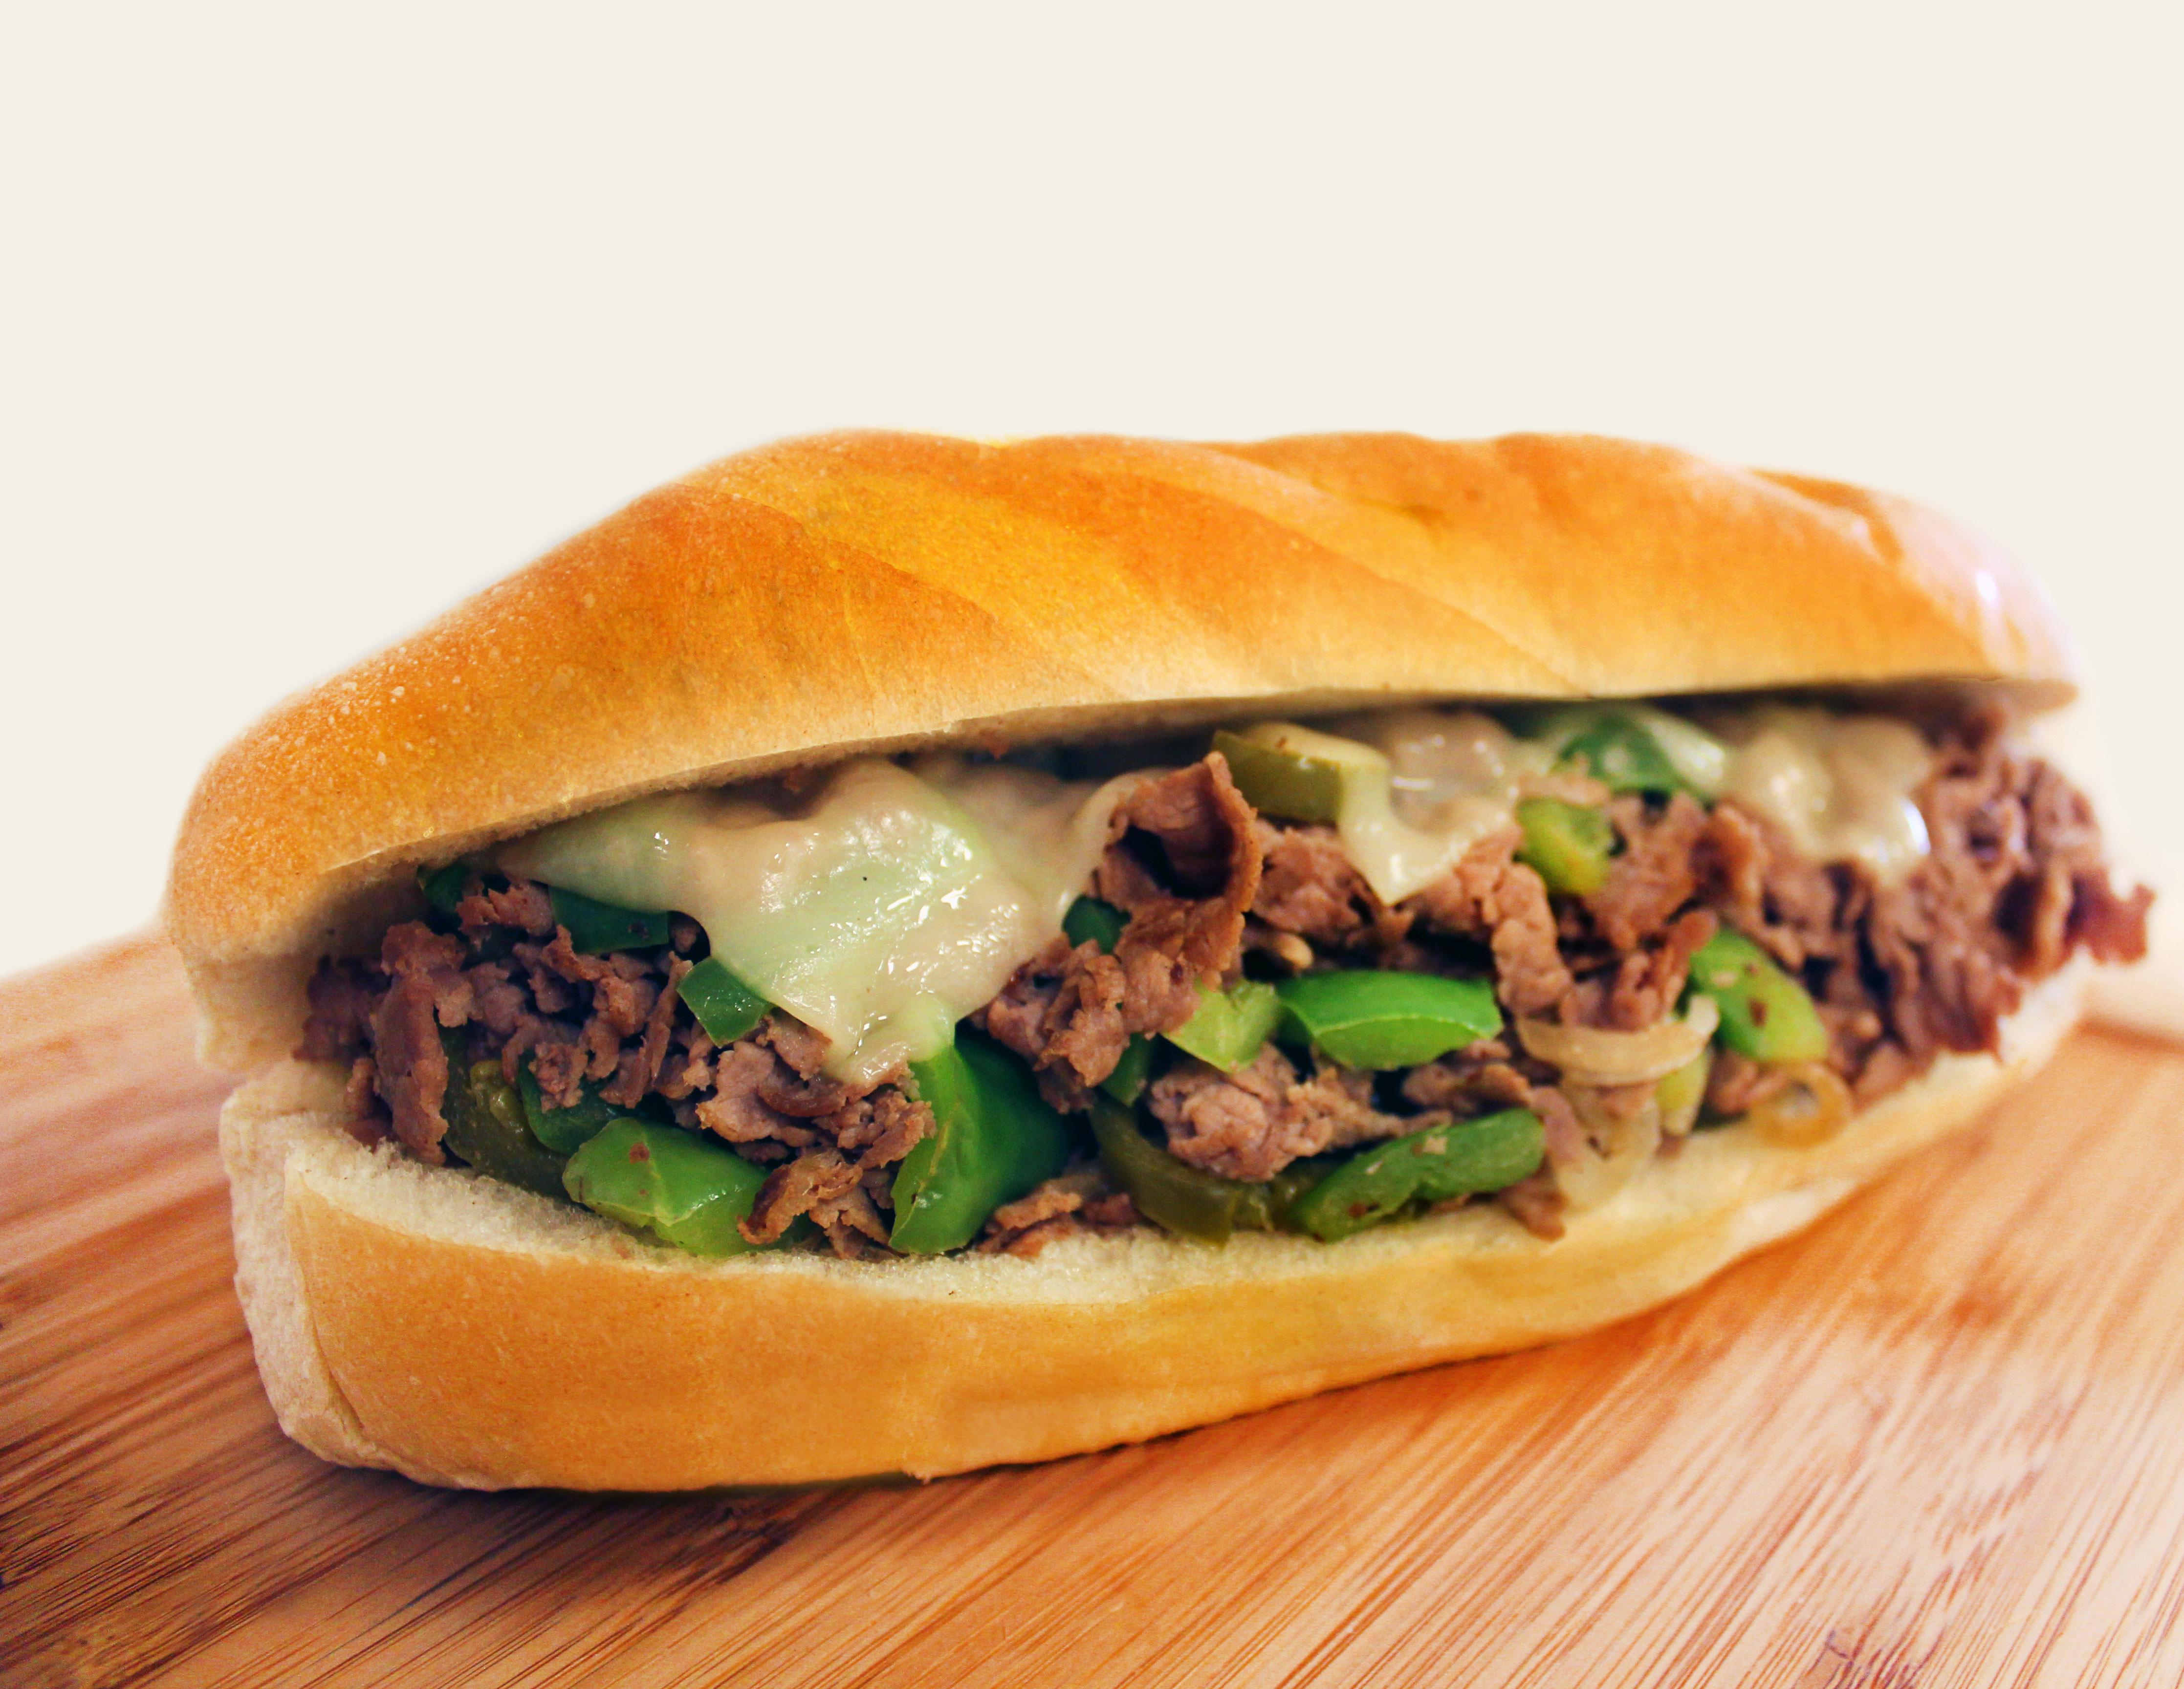 Phillysteak Sandwich